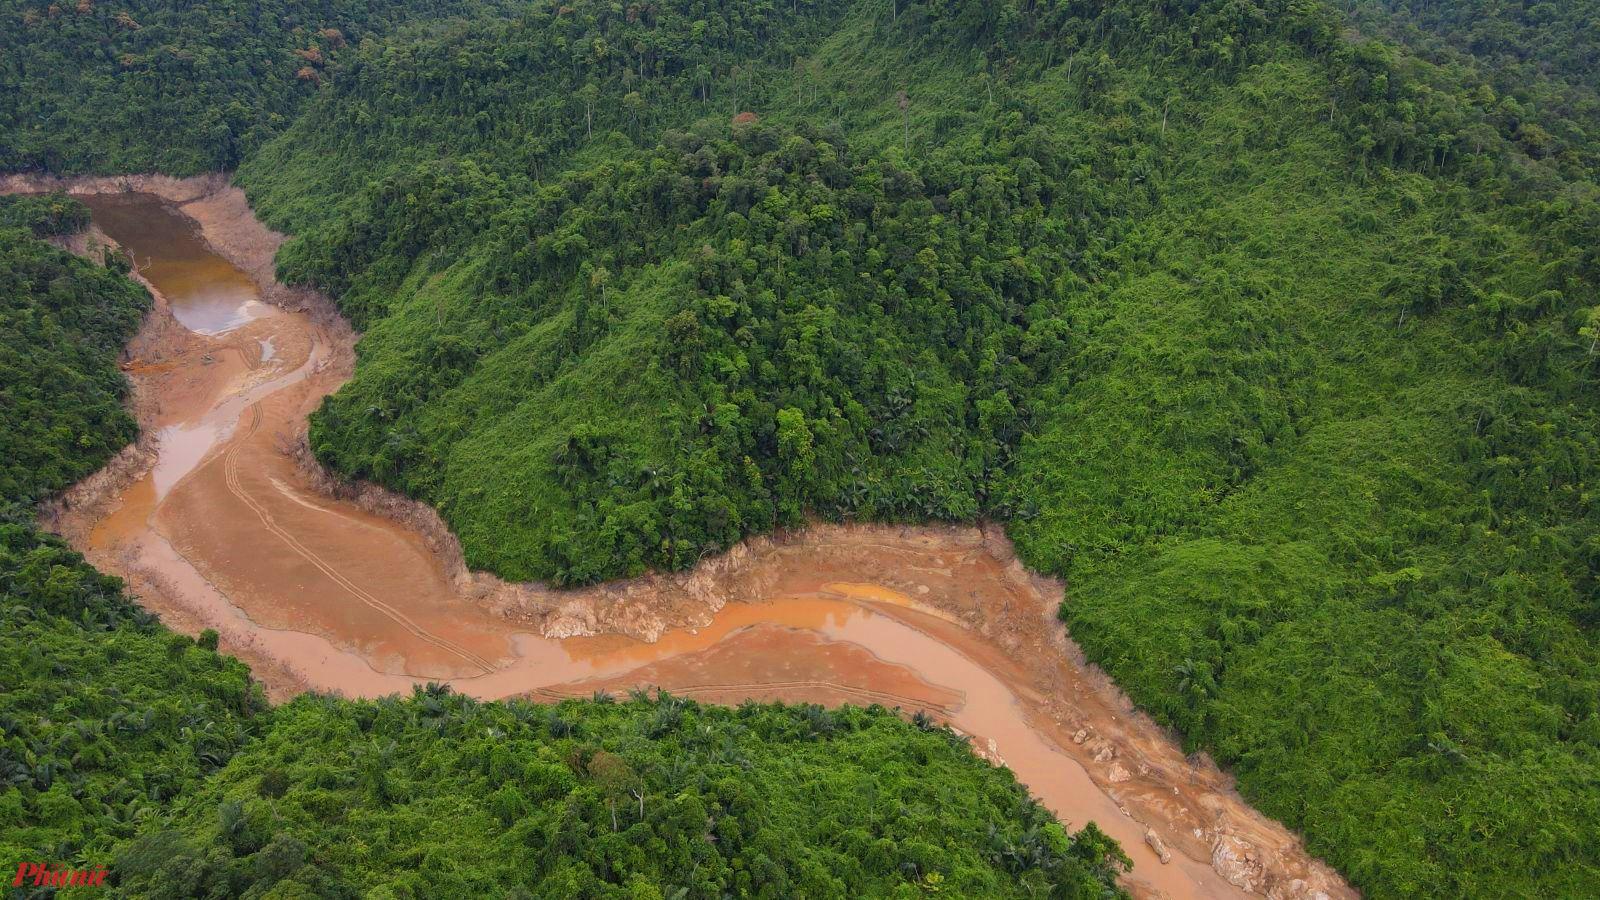 Khu vực thủy điện Rào Trăng nguy cơ sạt lở đất vẫn luôn tiềm ẩn bất cứ lúc nào